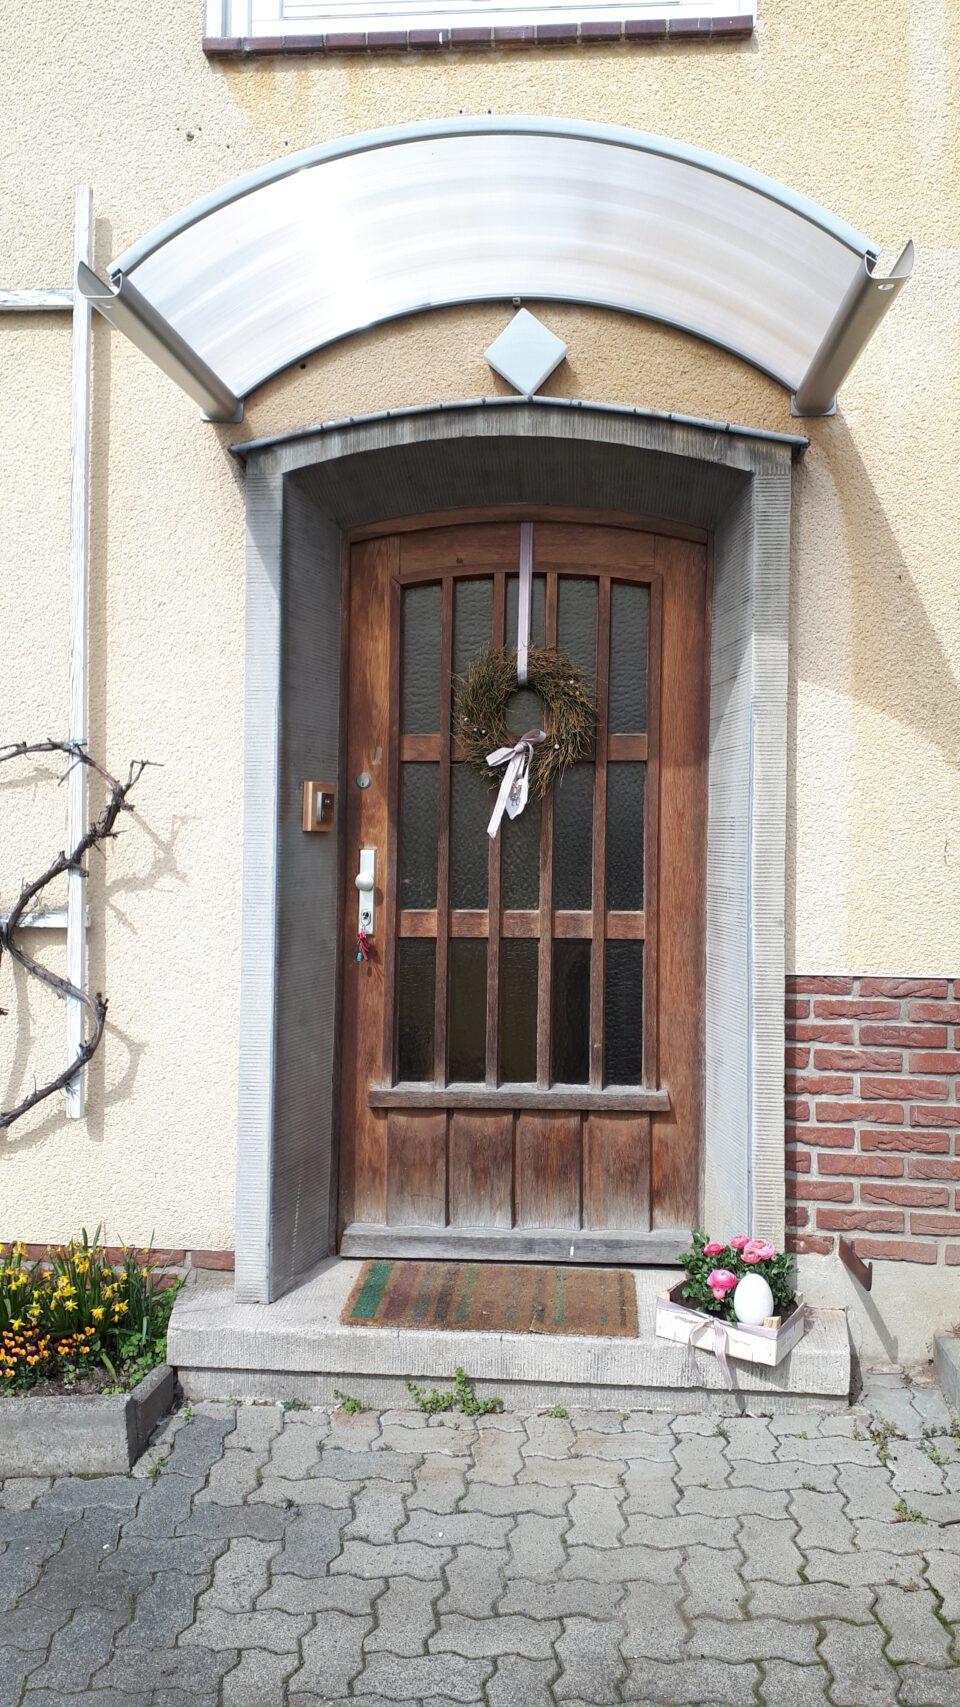 Die alte Haustür sanieren zu wollen, stand bereits früh fest.